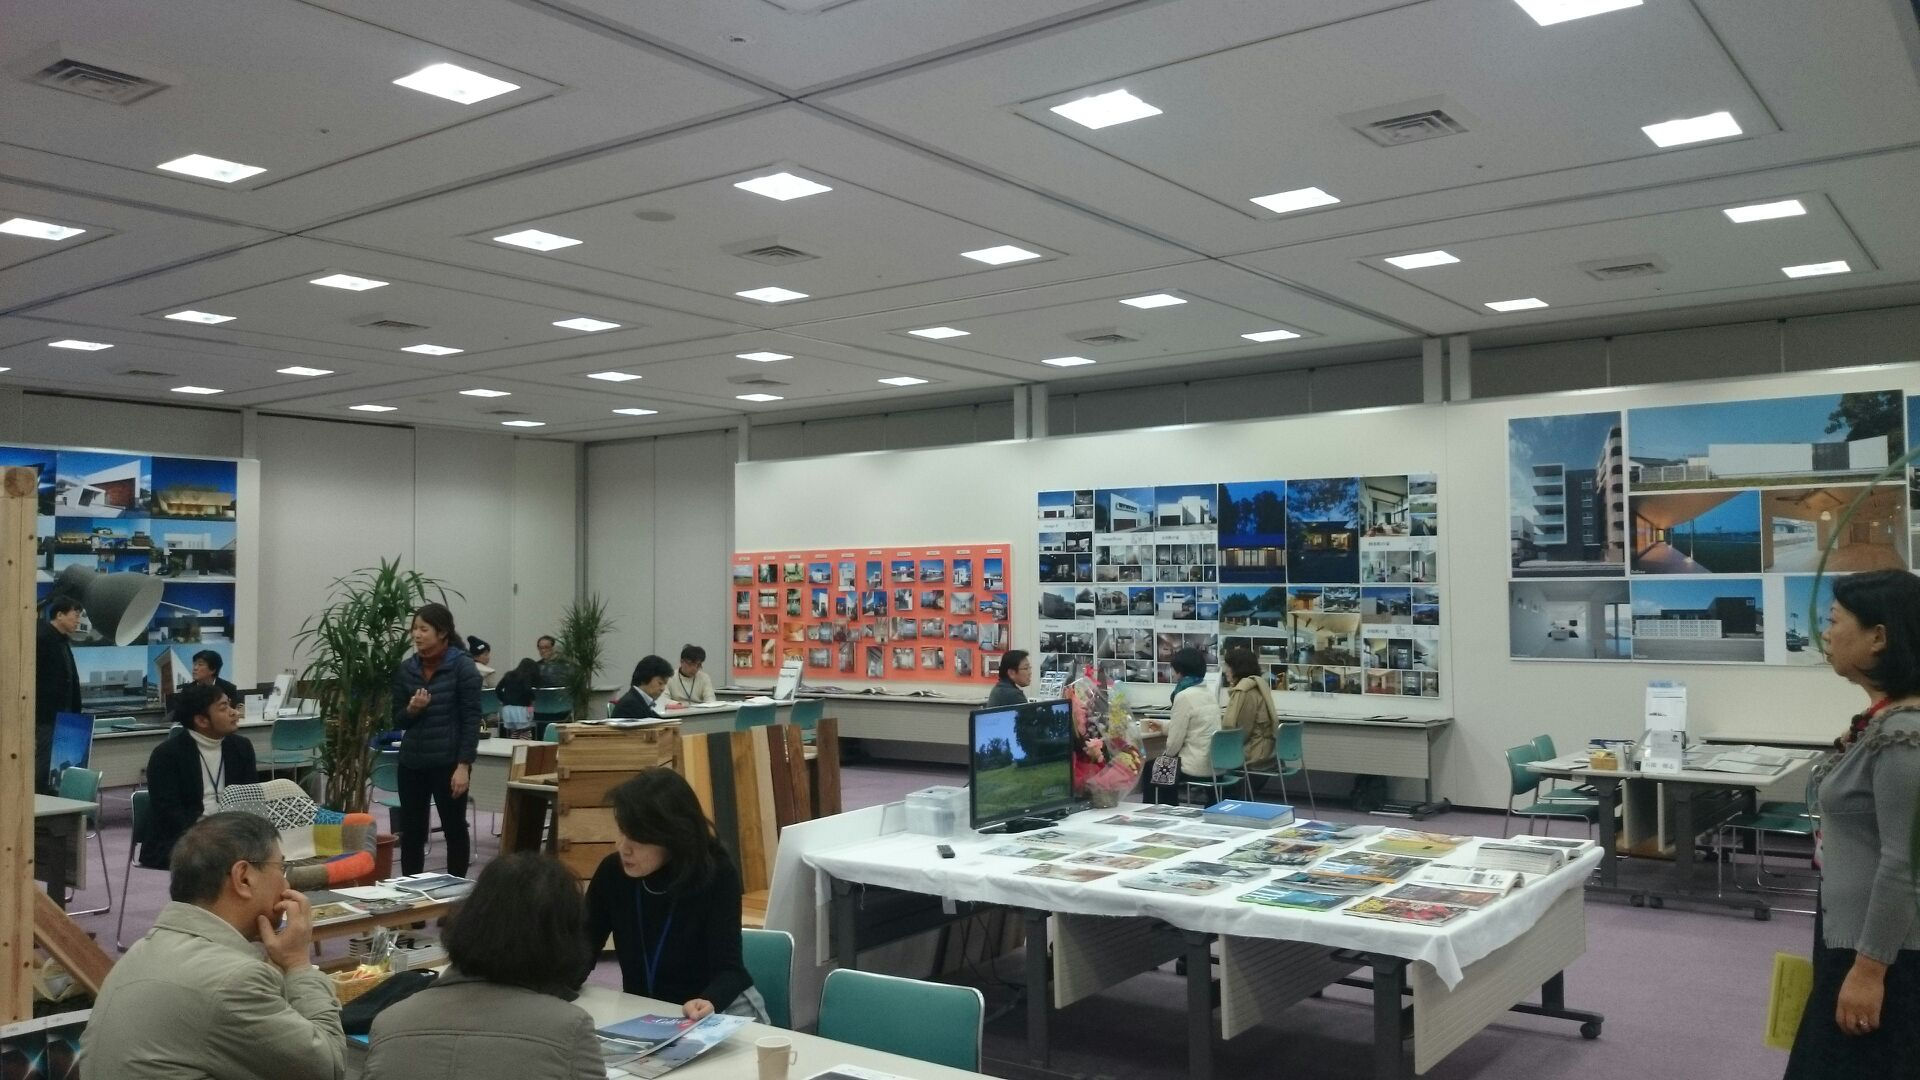 http://www.watabe-koumuten.co.jp/news/images/1453078115975.jpg